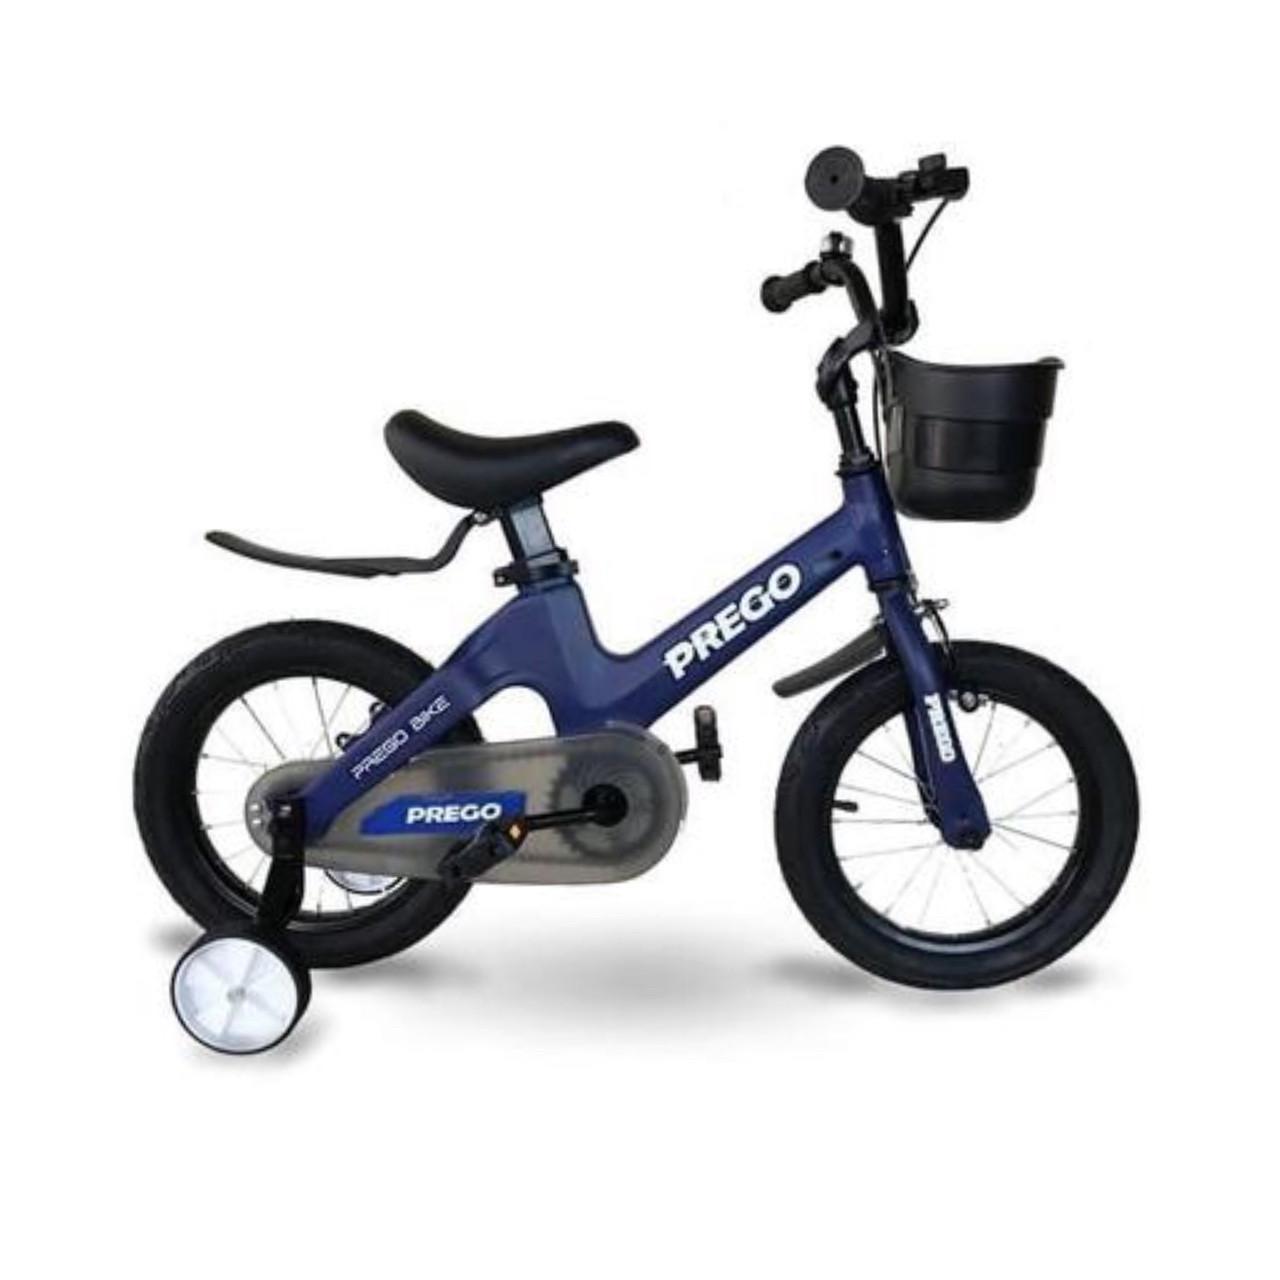 Детский двухколесный велосипед Prego 14-D